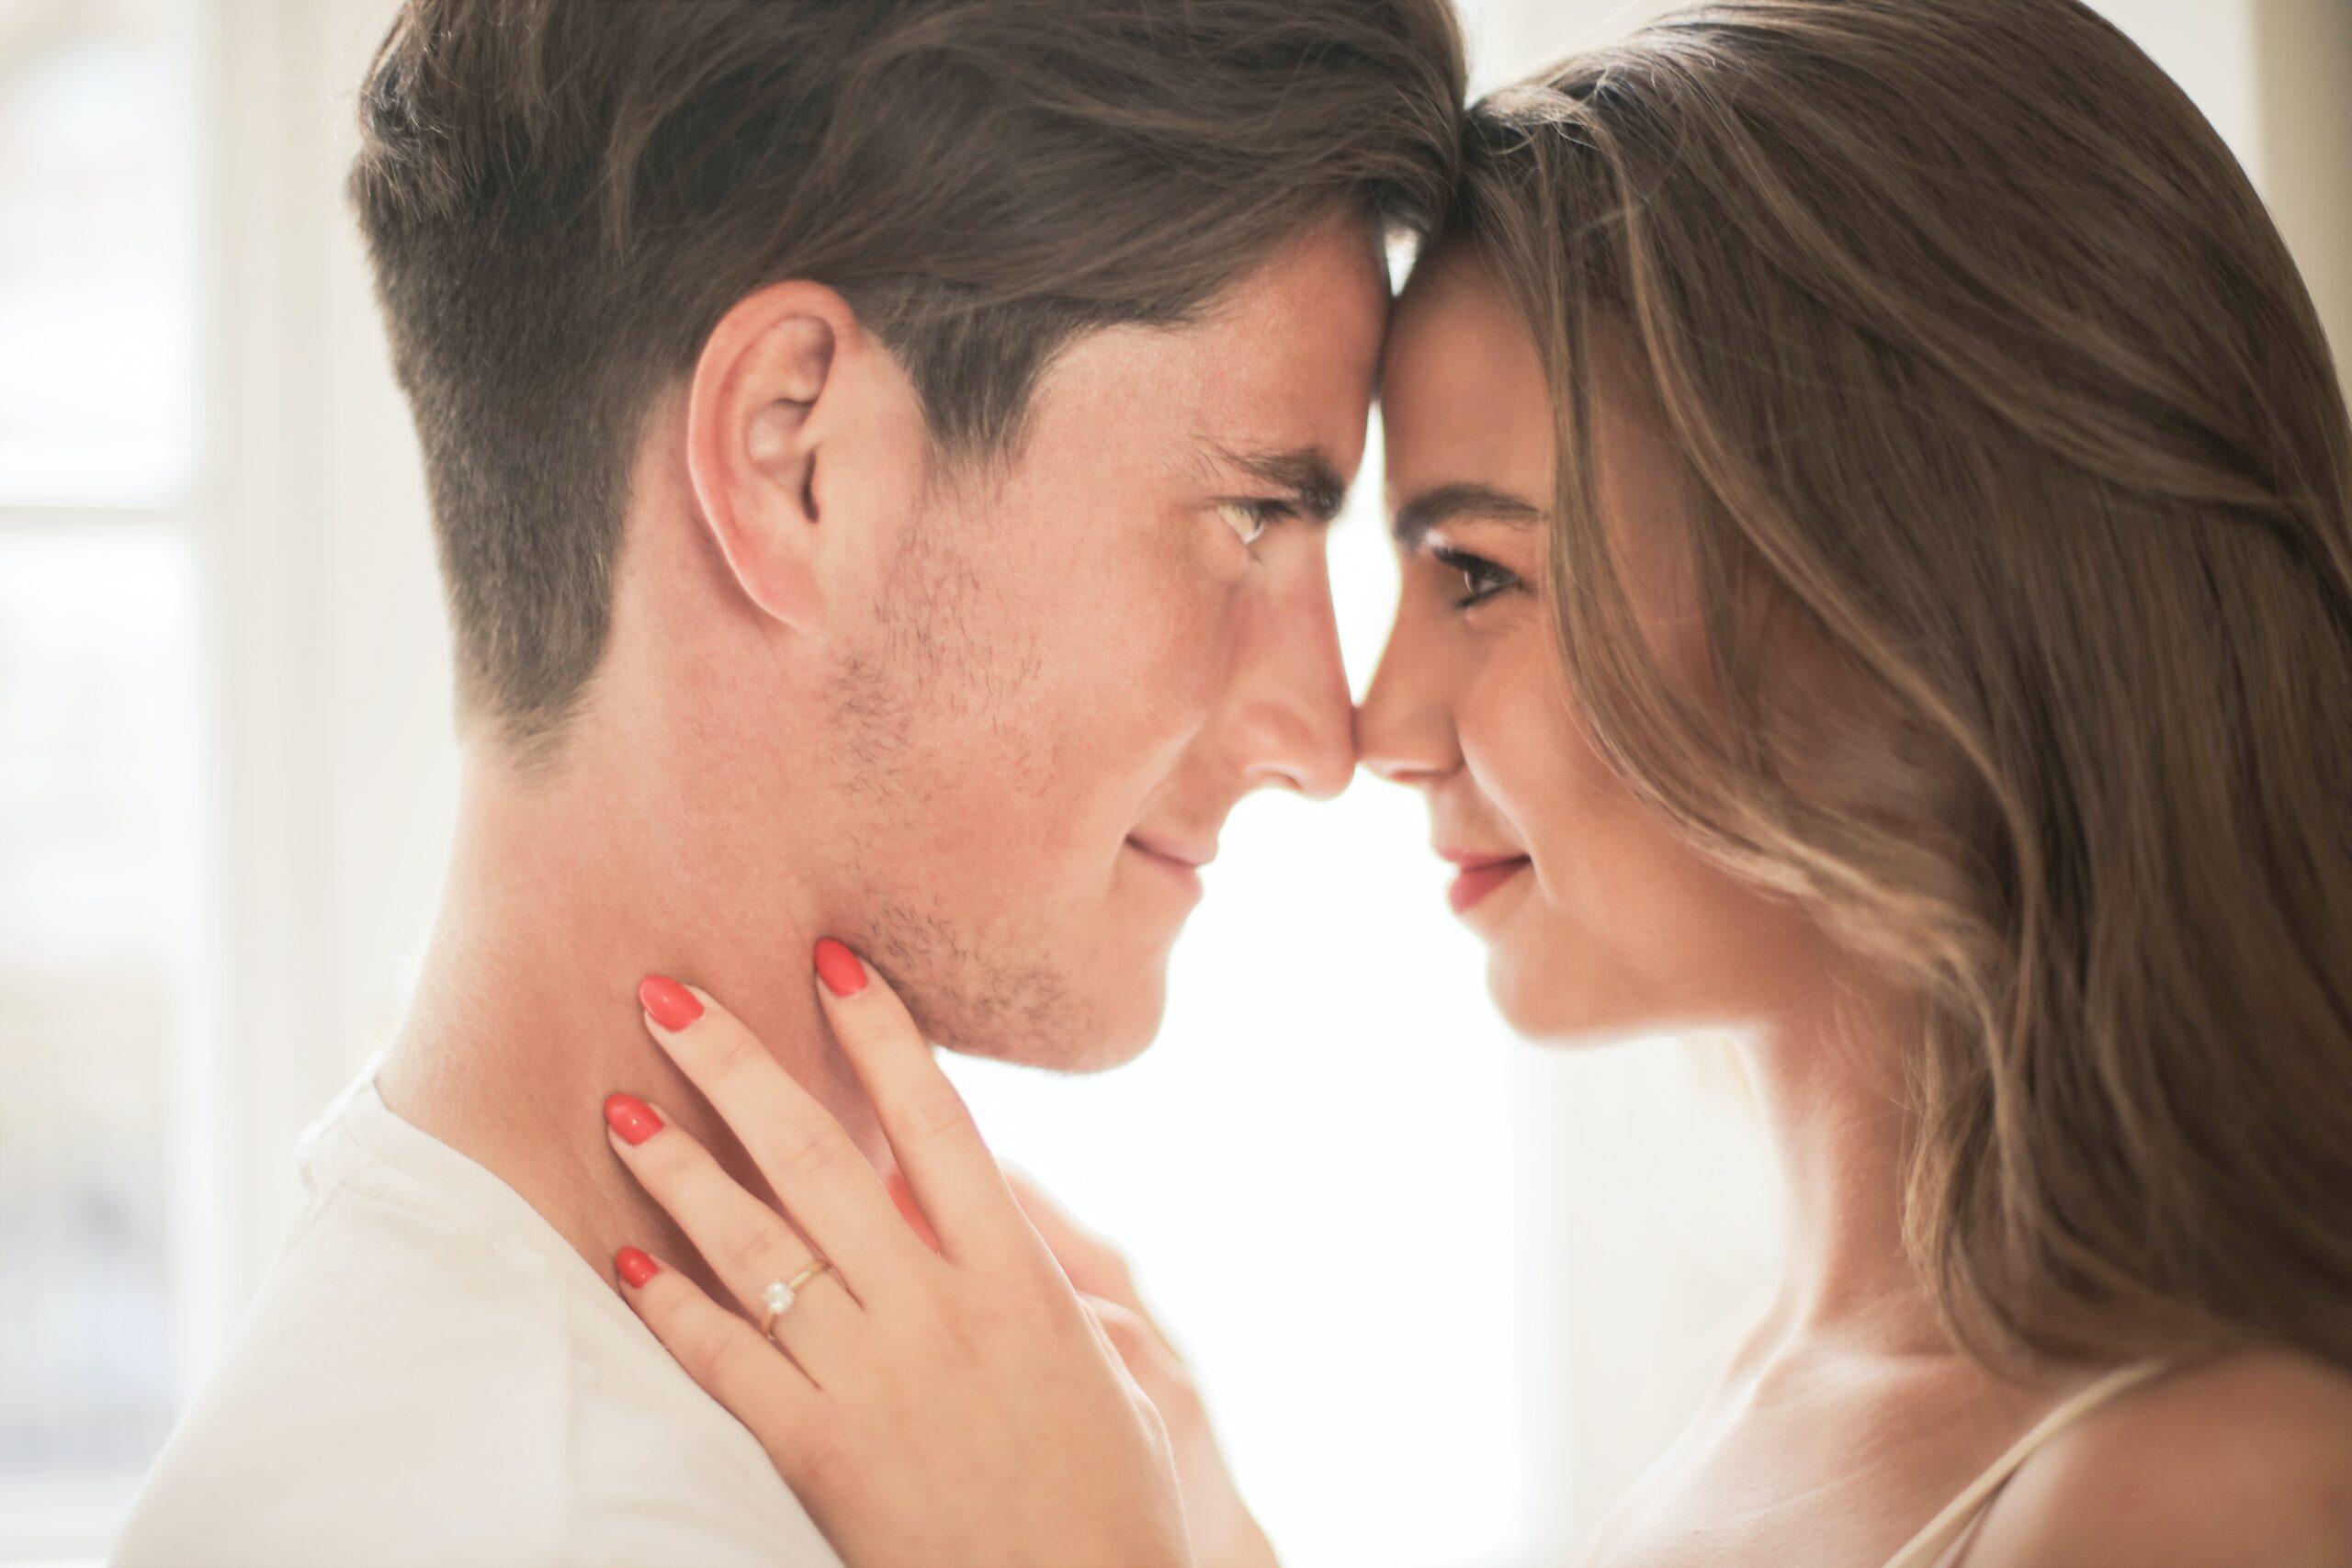 男性セラピストに恋する顔をしている女性の画像